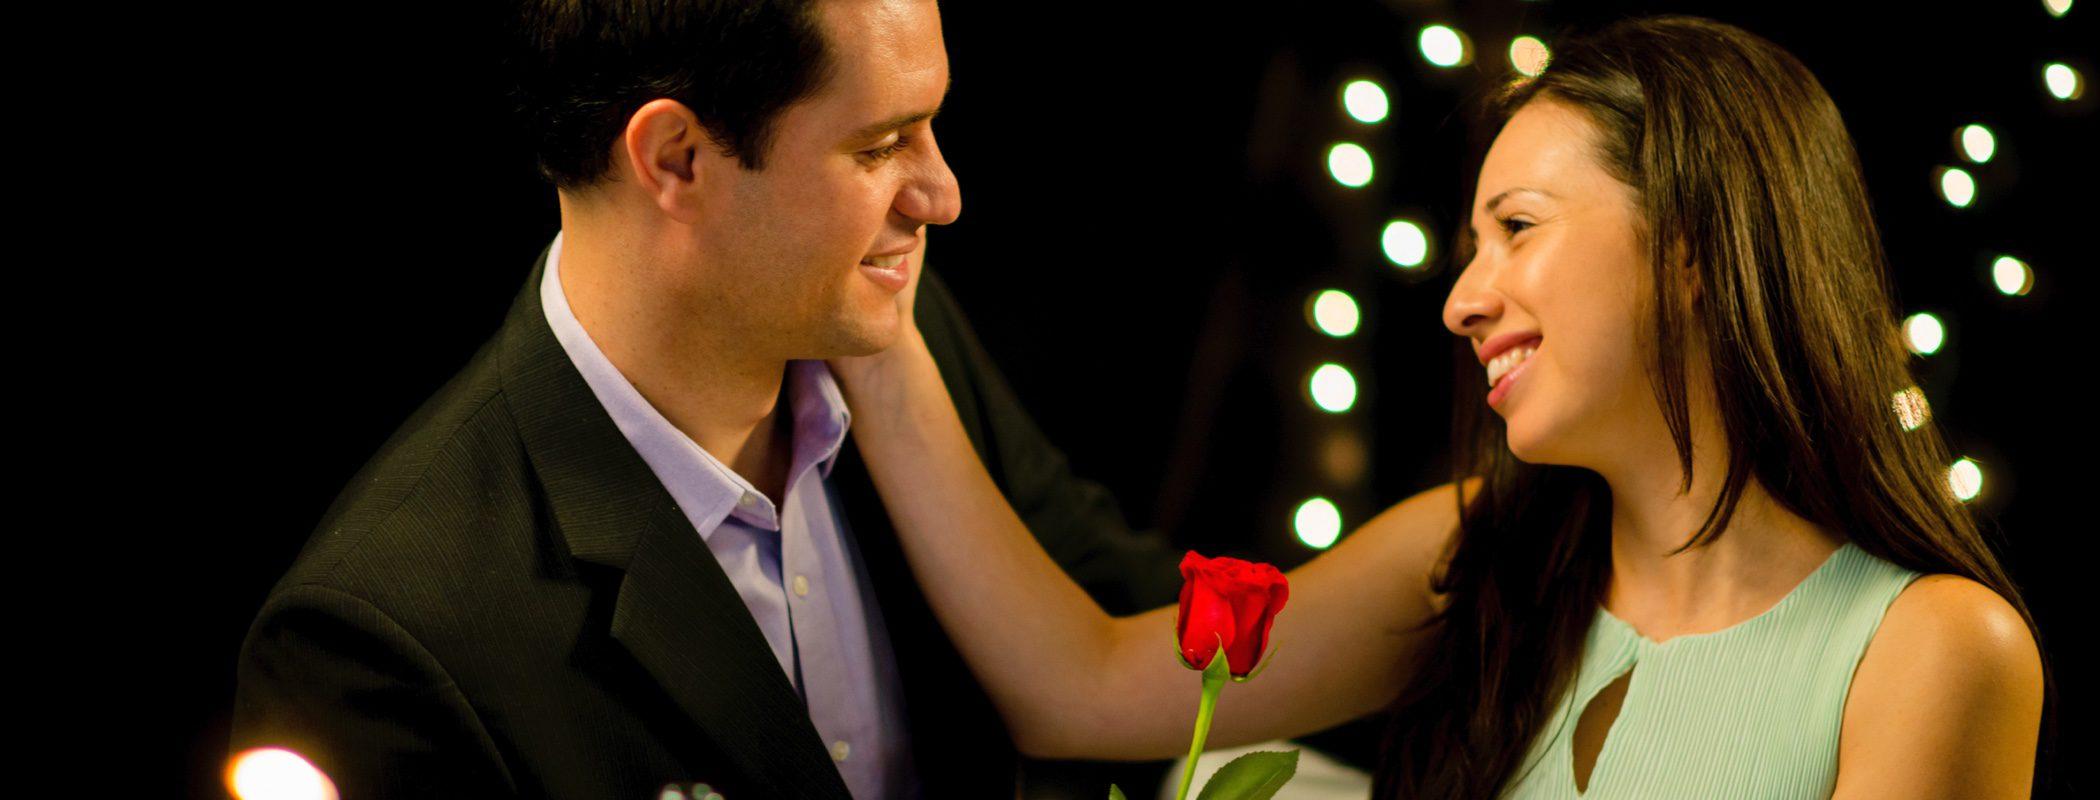 El San Valentín más romántico: organiza una cita inolvidable